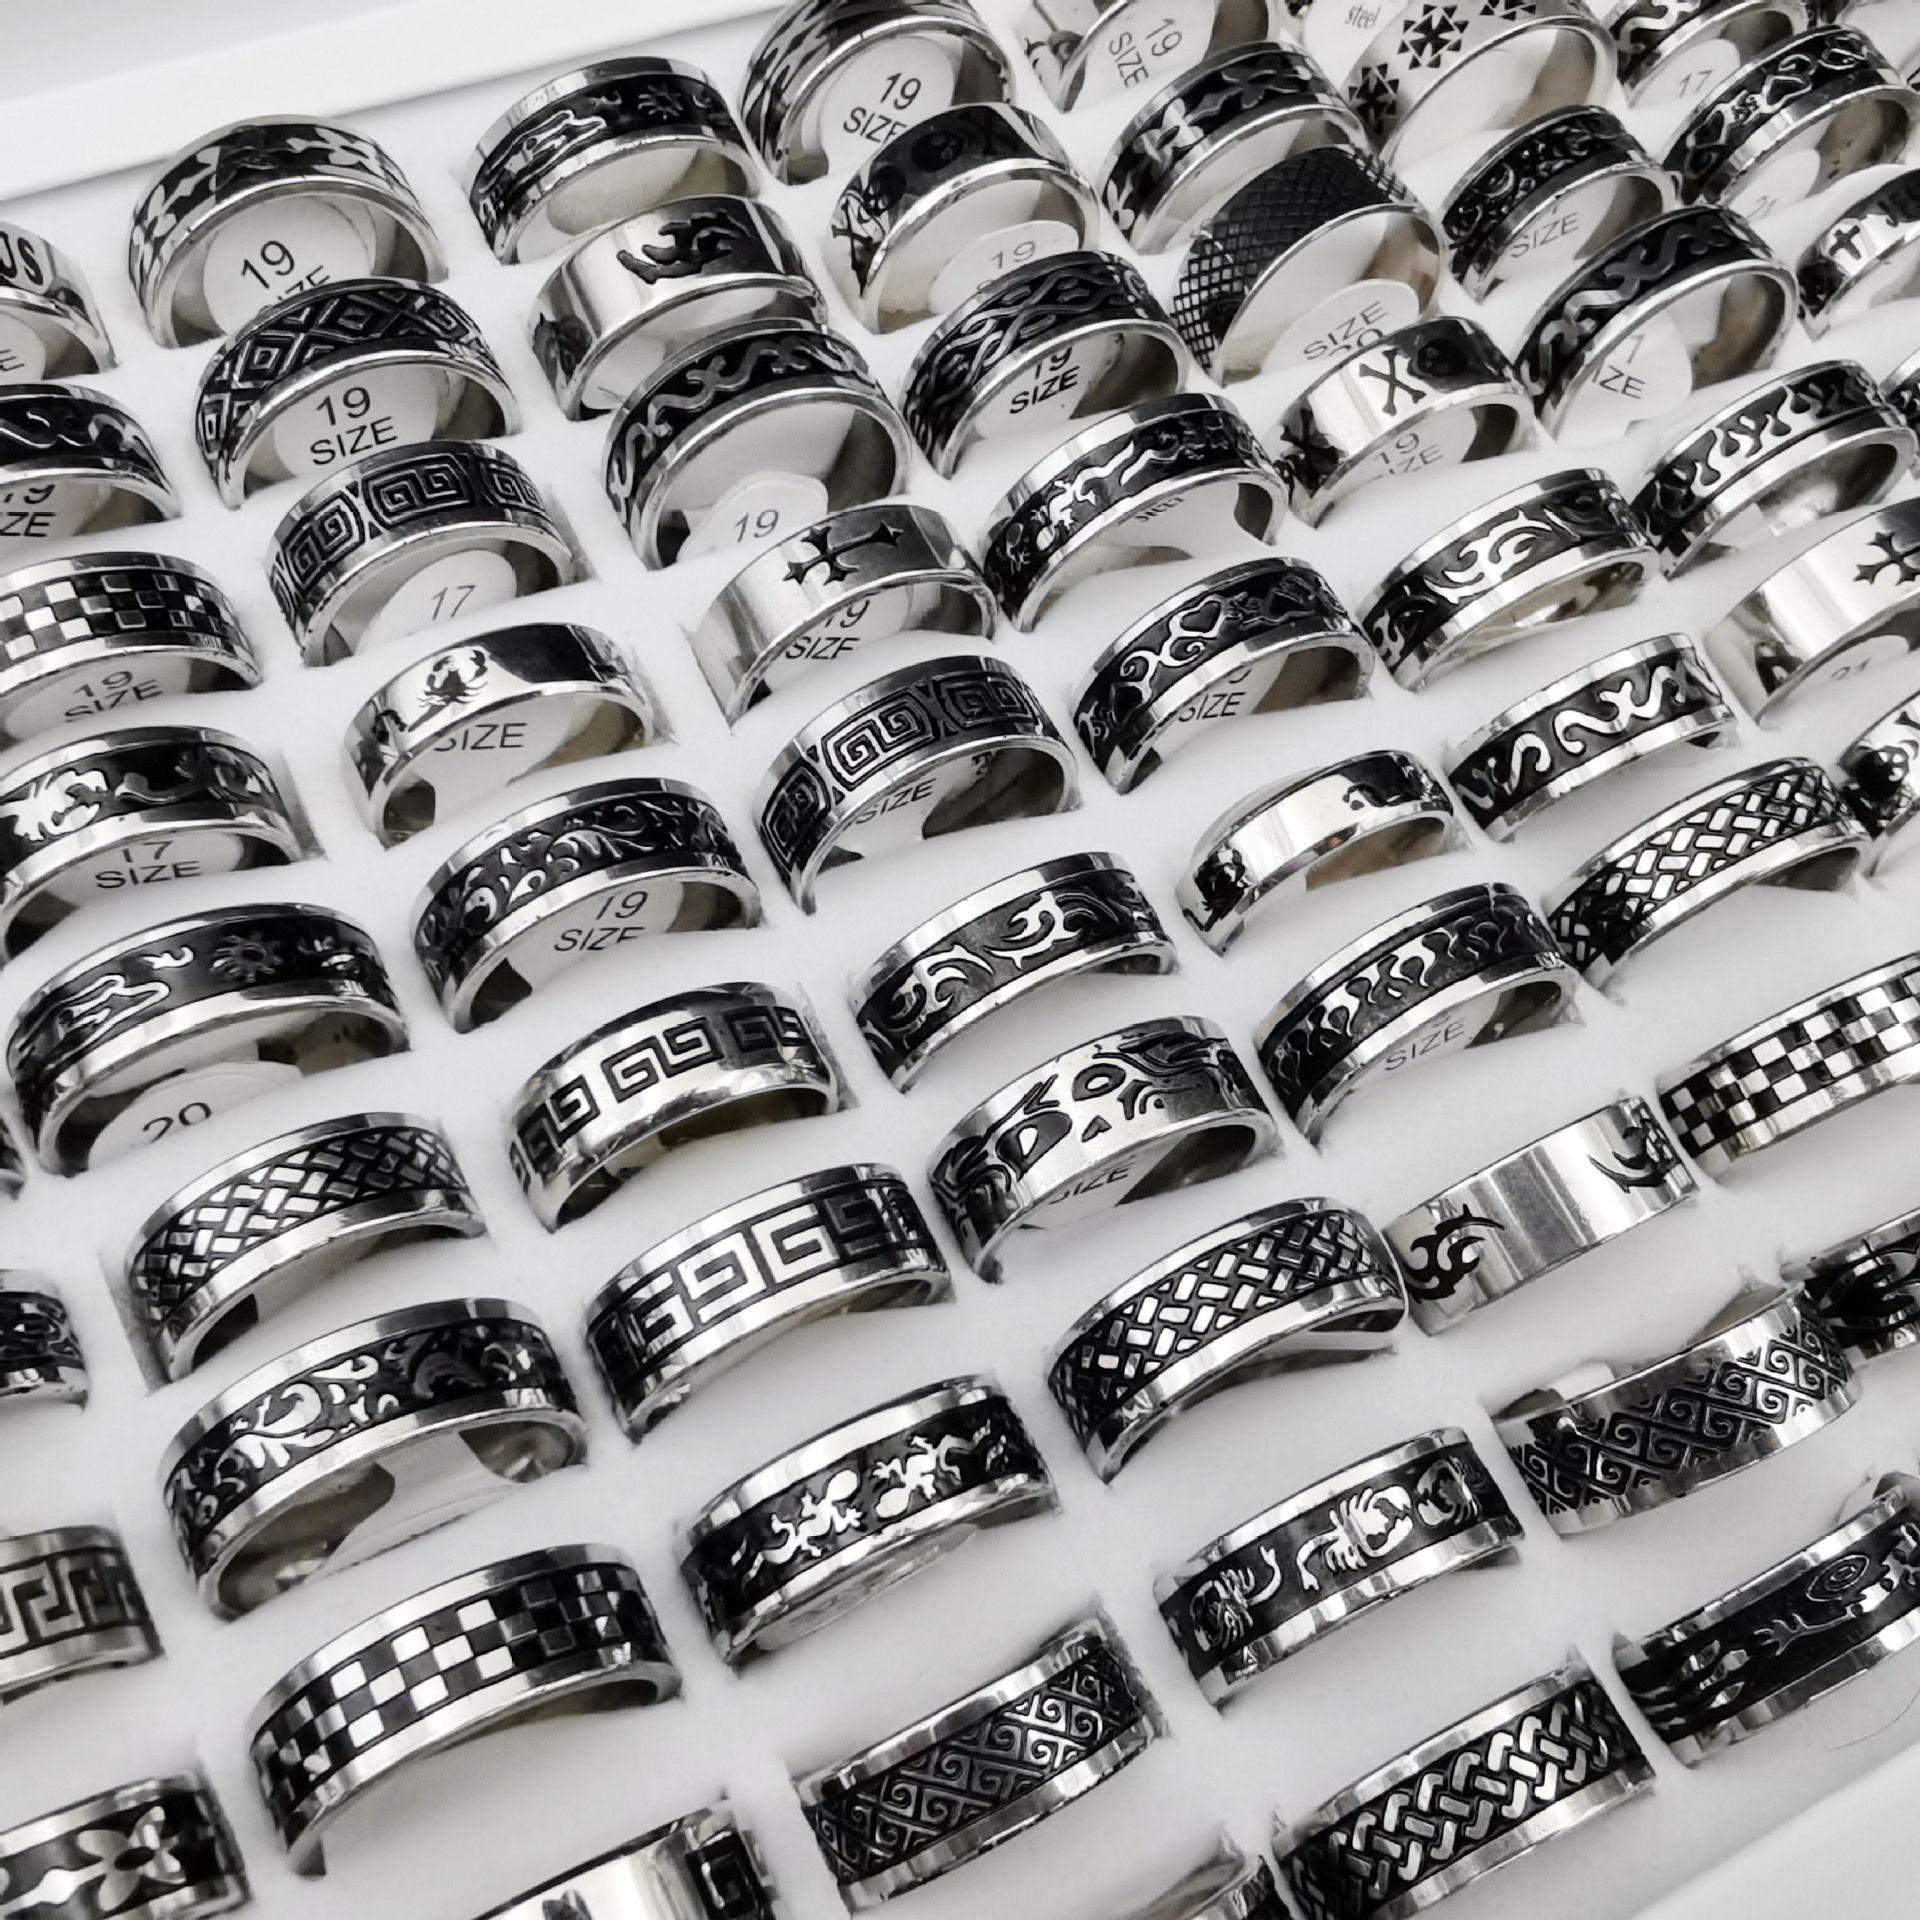 50 pcs / lot 빈티지 레트로 스타일 남성과 여성을위한 스테인레스 스틸 링 패션 라운드 펑크 반지 선물 액세서리 도매